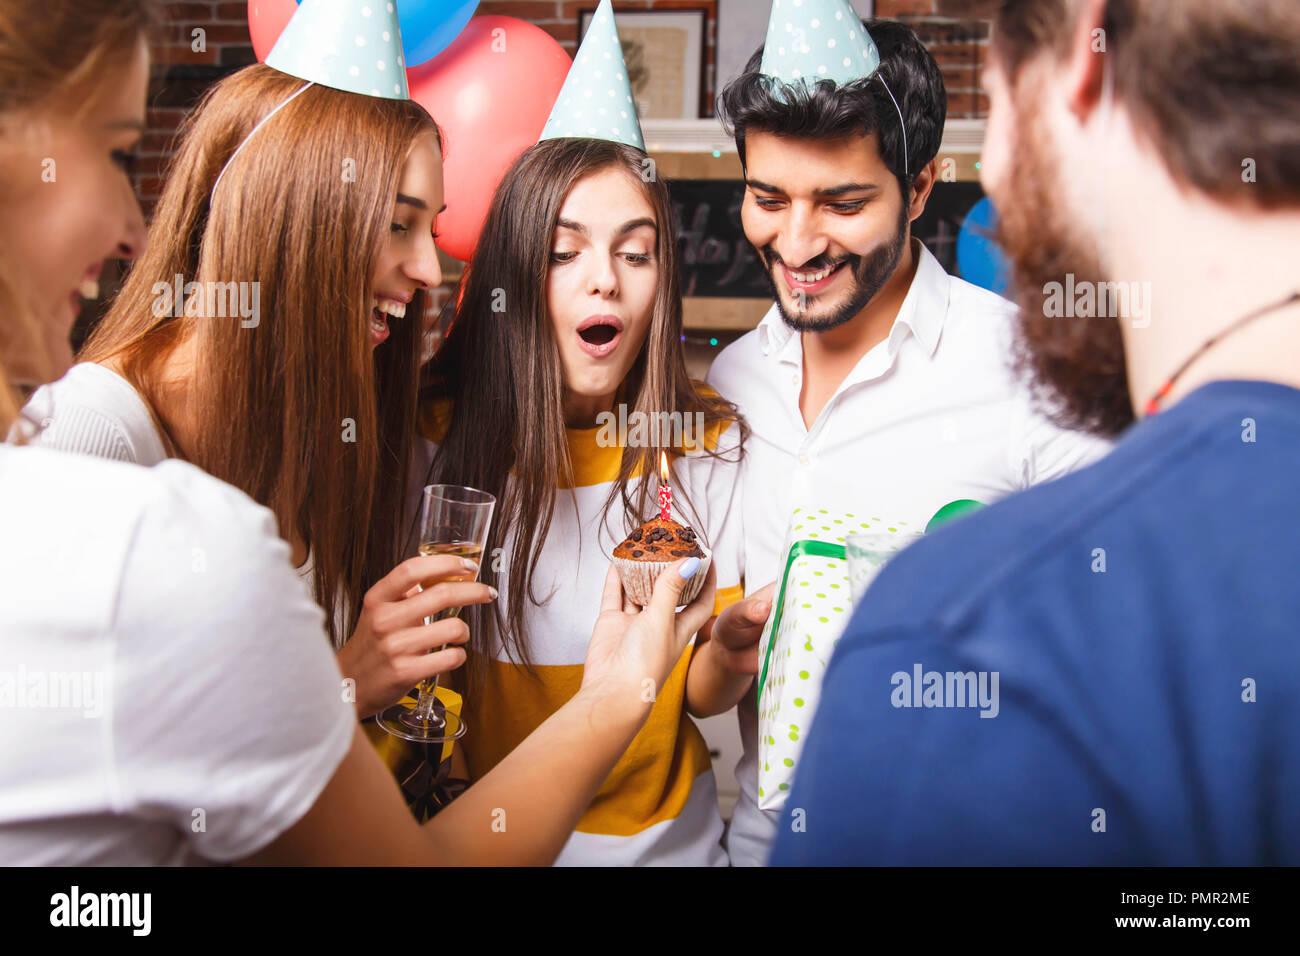 Cumpleaños morena excitada muchacha dispuesta para soplar las velas de cumpleaños cupcake en la fiesta de cumpleaños en la cocina Imagen De Stock